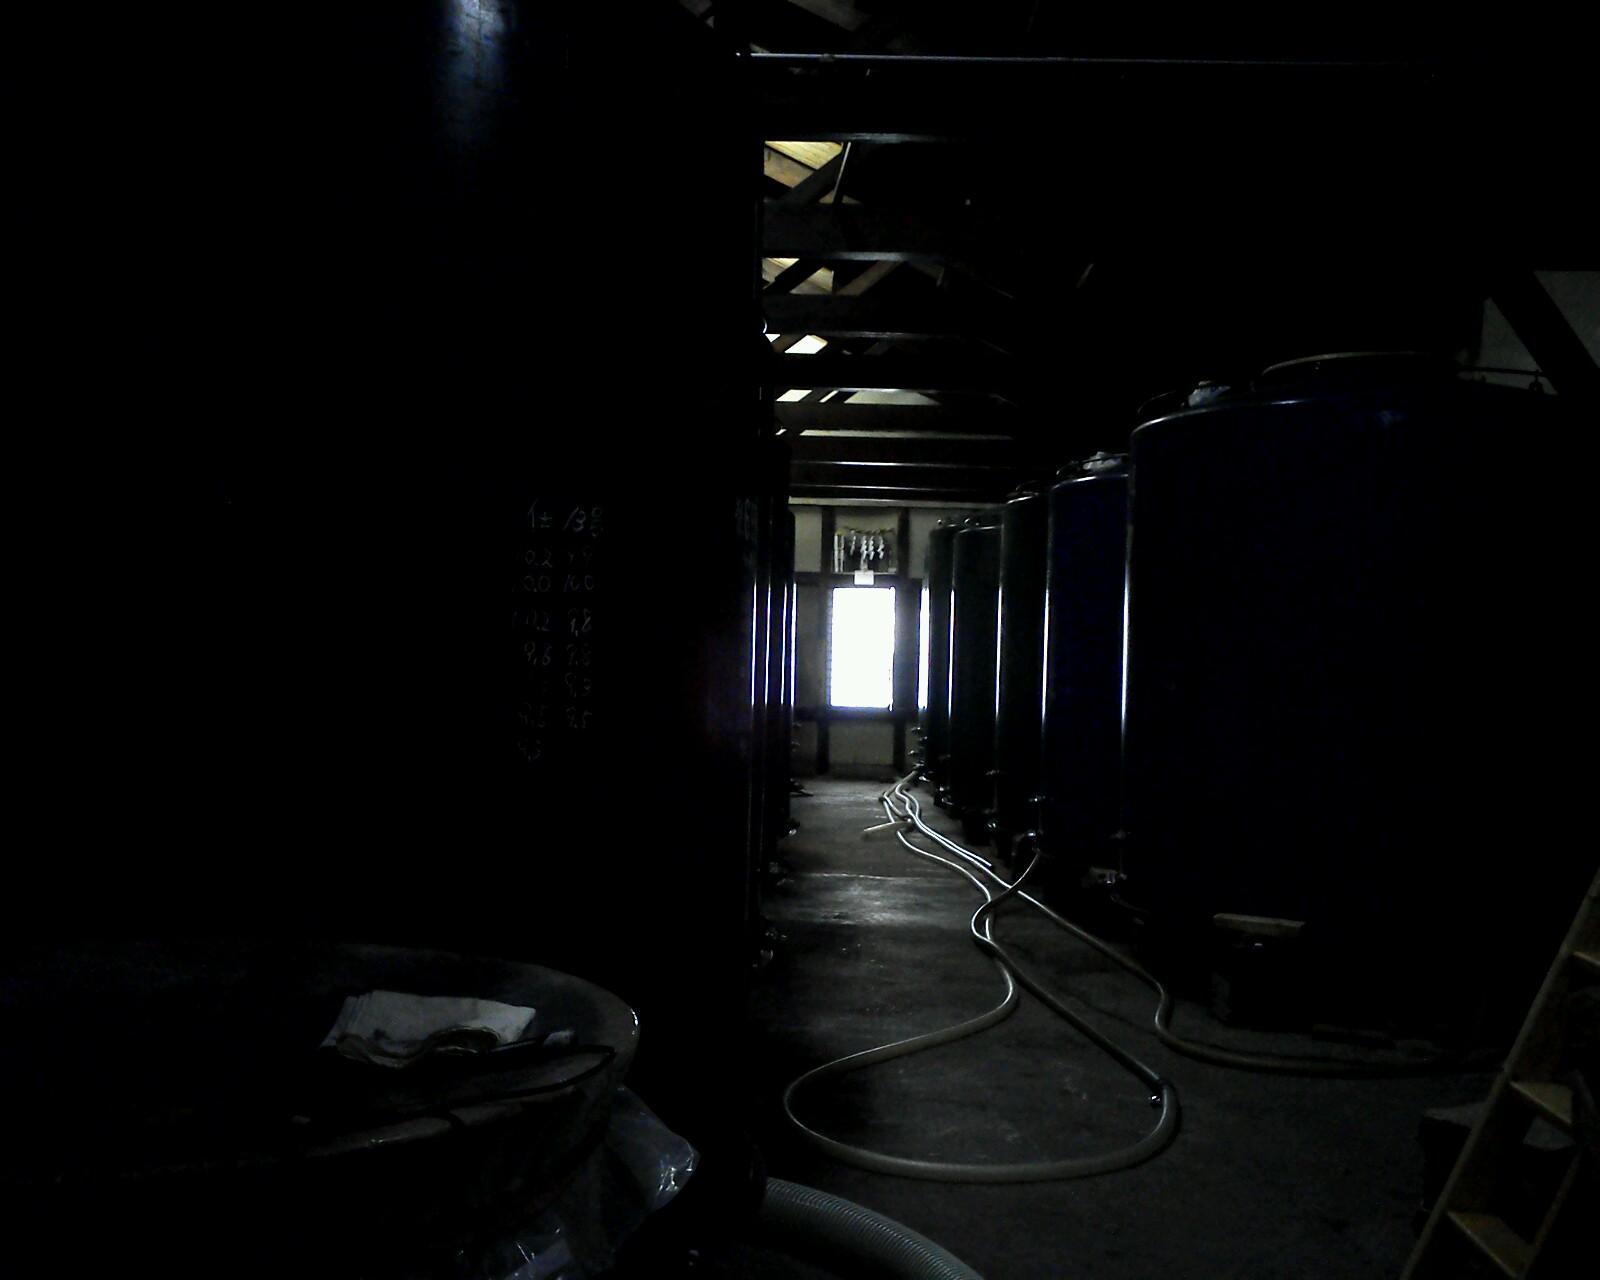 じょうそうまえのタンク室